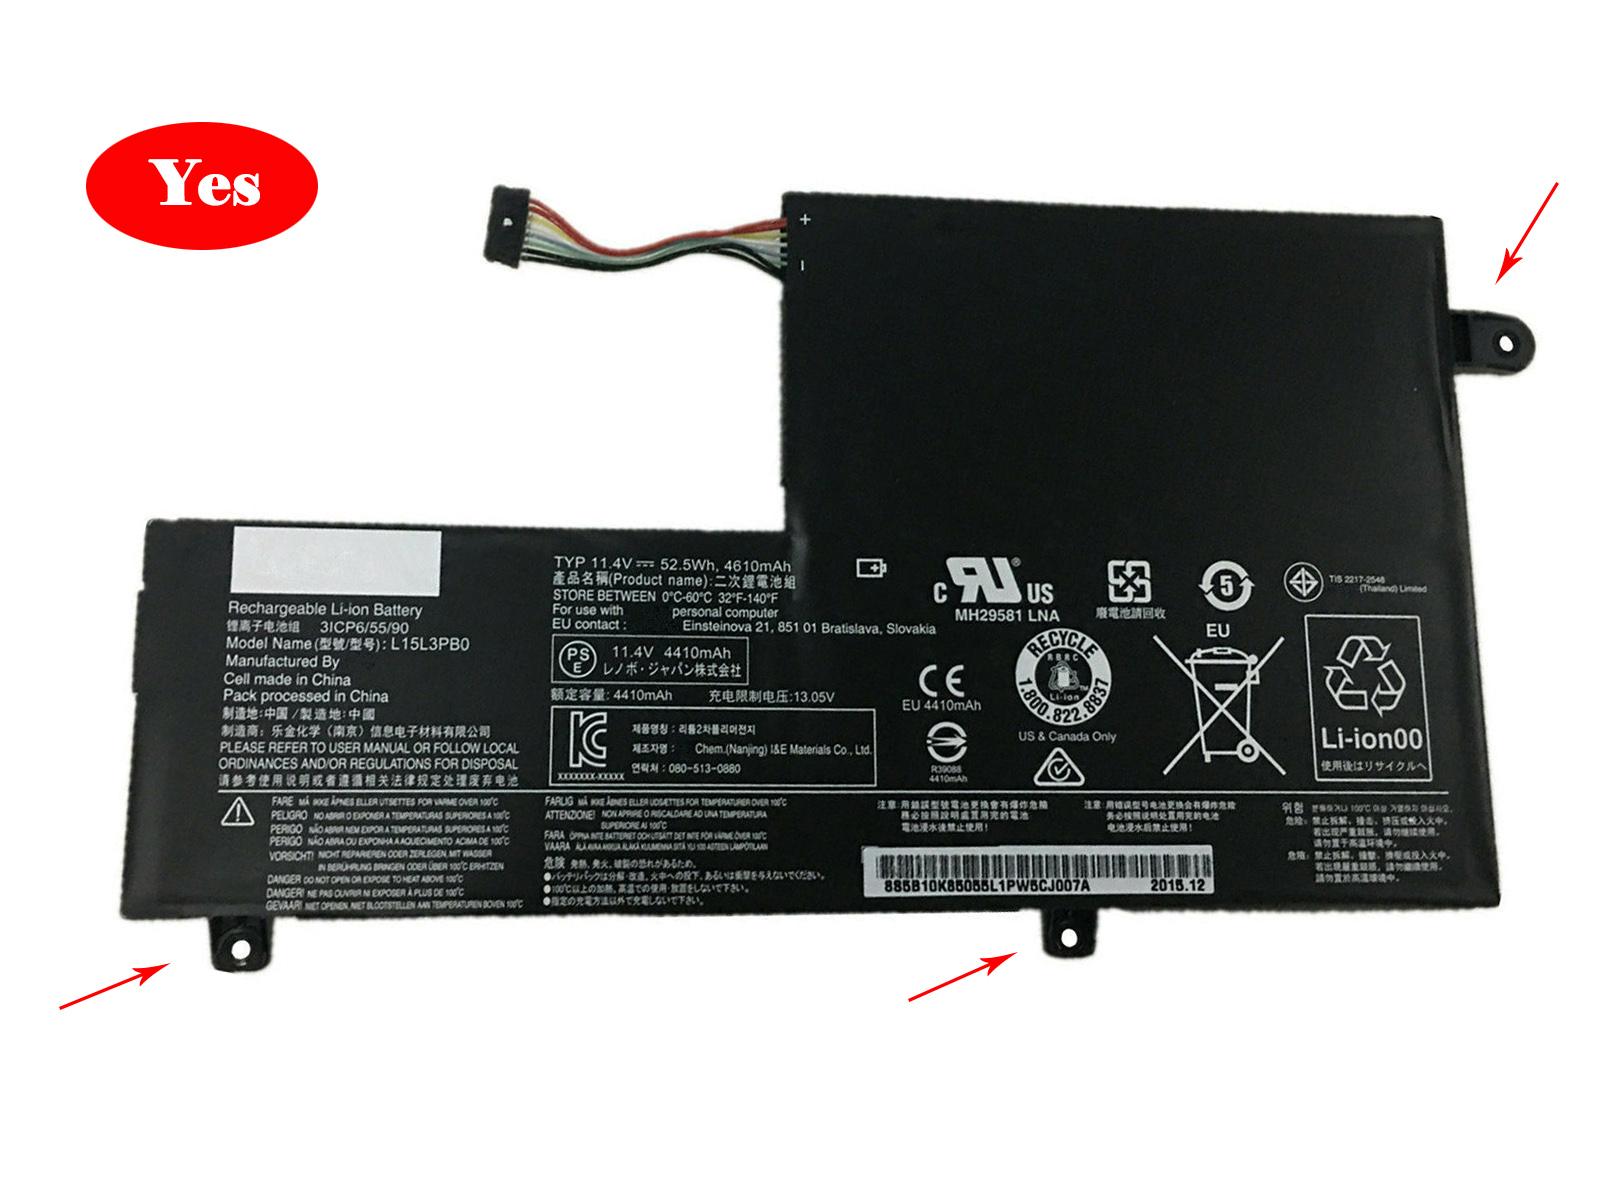 Lenovo L15L3PB0 accu